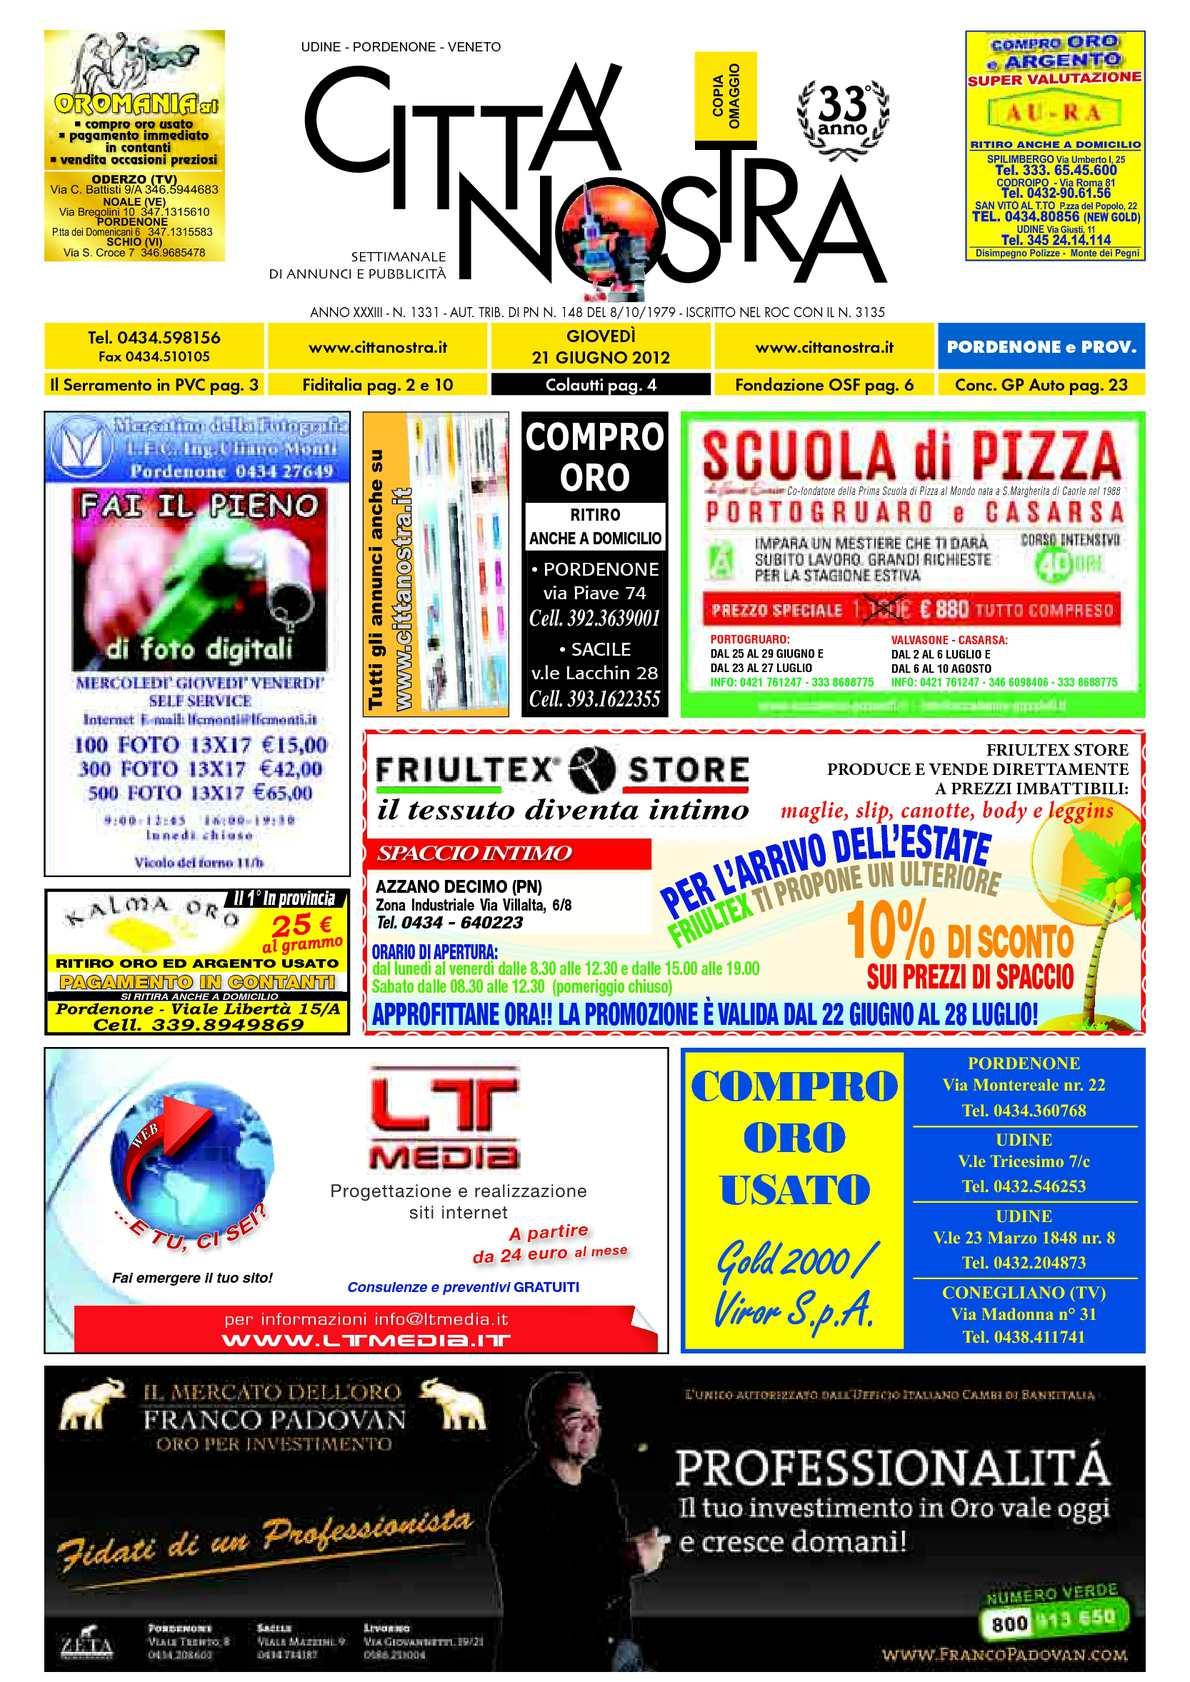 Calaméo Citt Nostra Pordenone Del 21 06 2012 N 1331